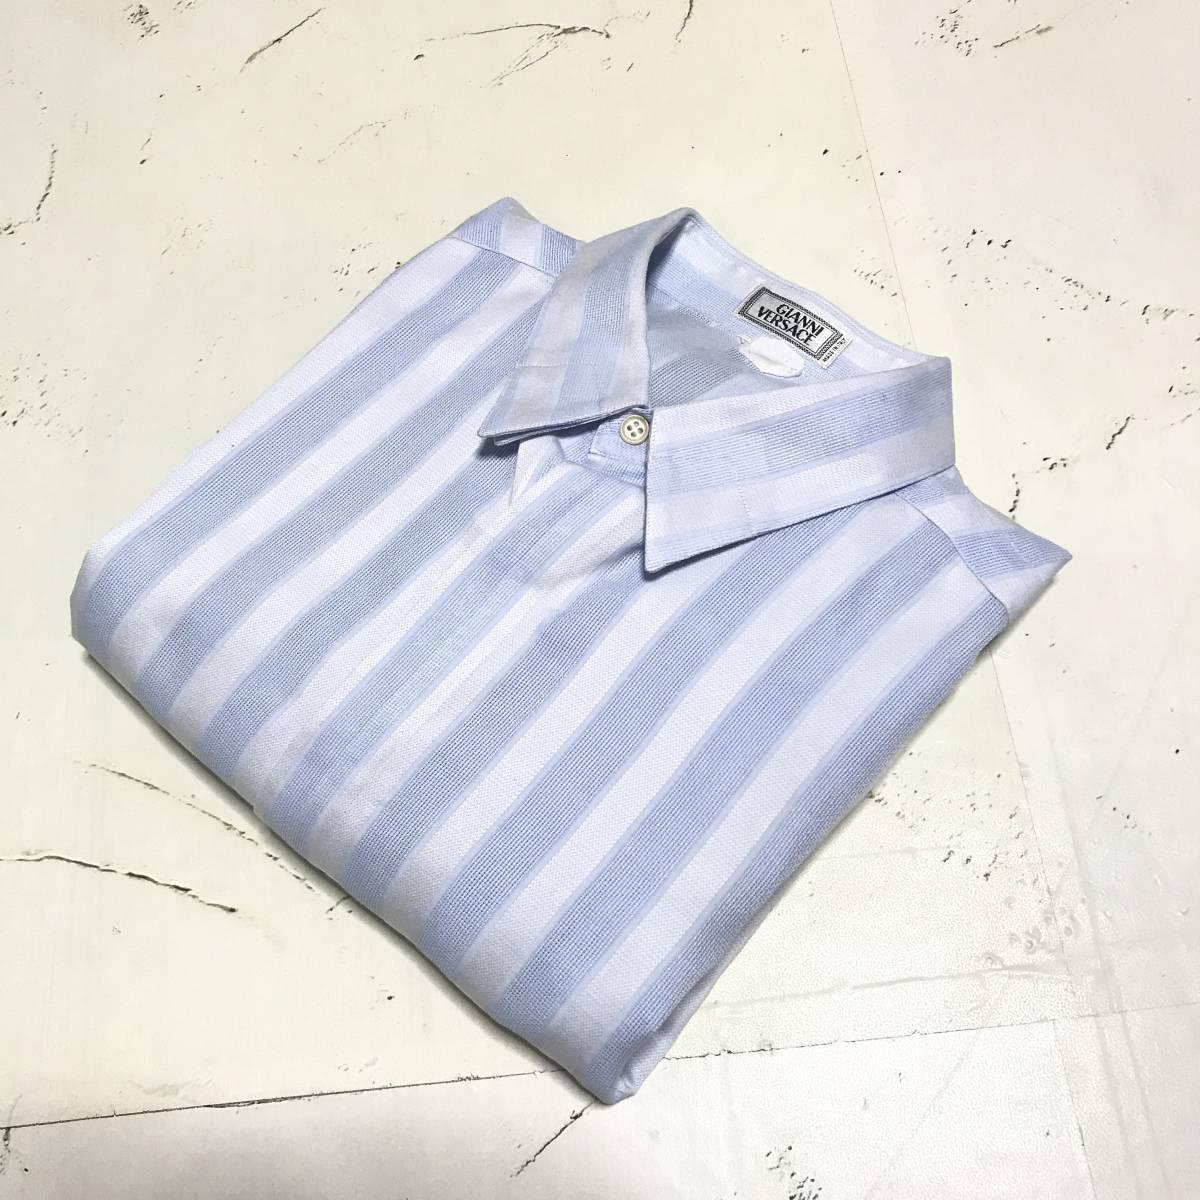 ★Gianni Versace/ヴェルサーチ★メンズ ストライプ柄 長袖 シャツ レギュラーカラー ブロード 水色 ライトブルー ドレスシャツ ワイシャツ_画像3